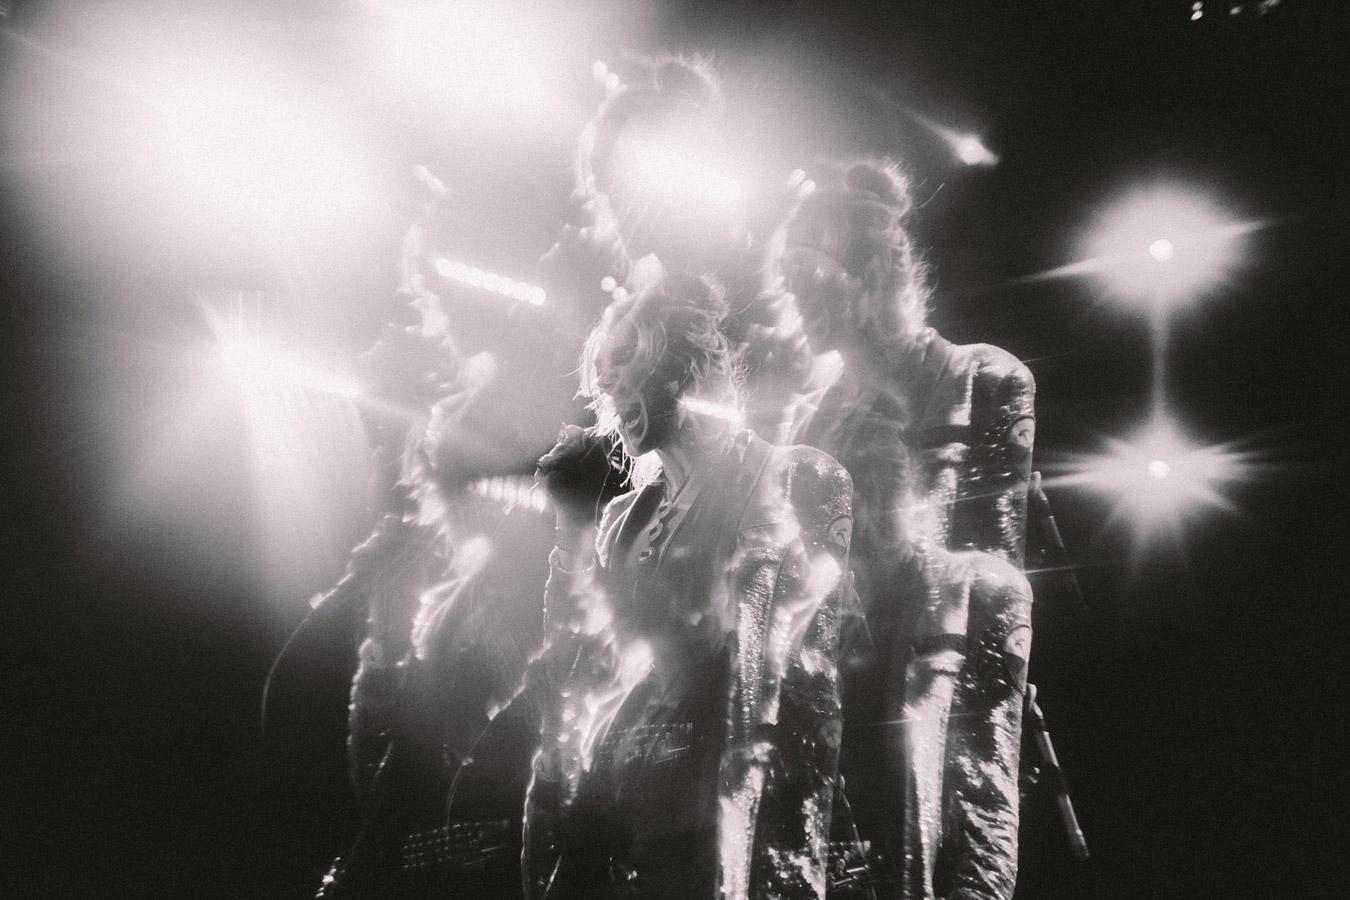 «Кэлли Норт», © Мэри Кэролайн Рассел / Mary Caroline Russell, Атланта, США, Финалист категории «Профессионал : Выступления», Фотоконкурс «Момент музыки»